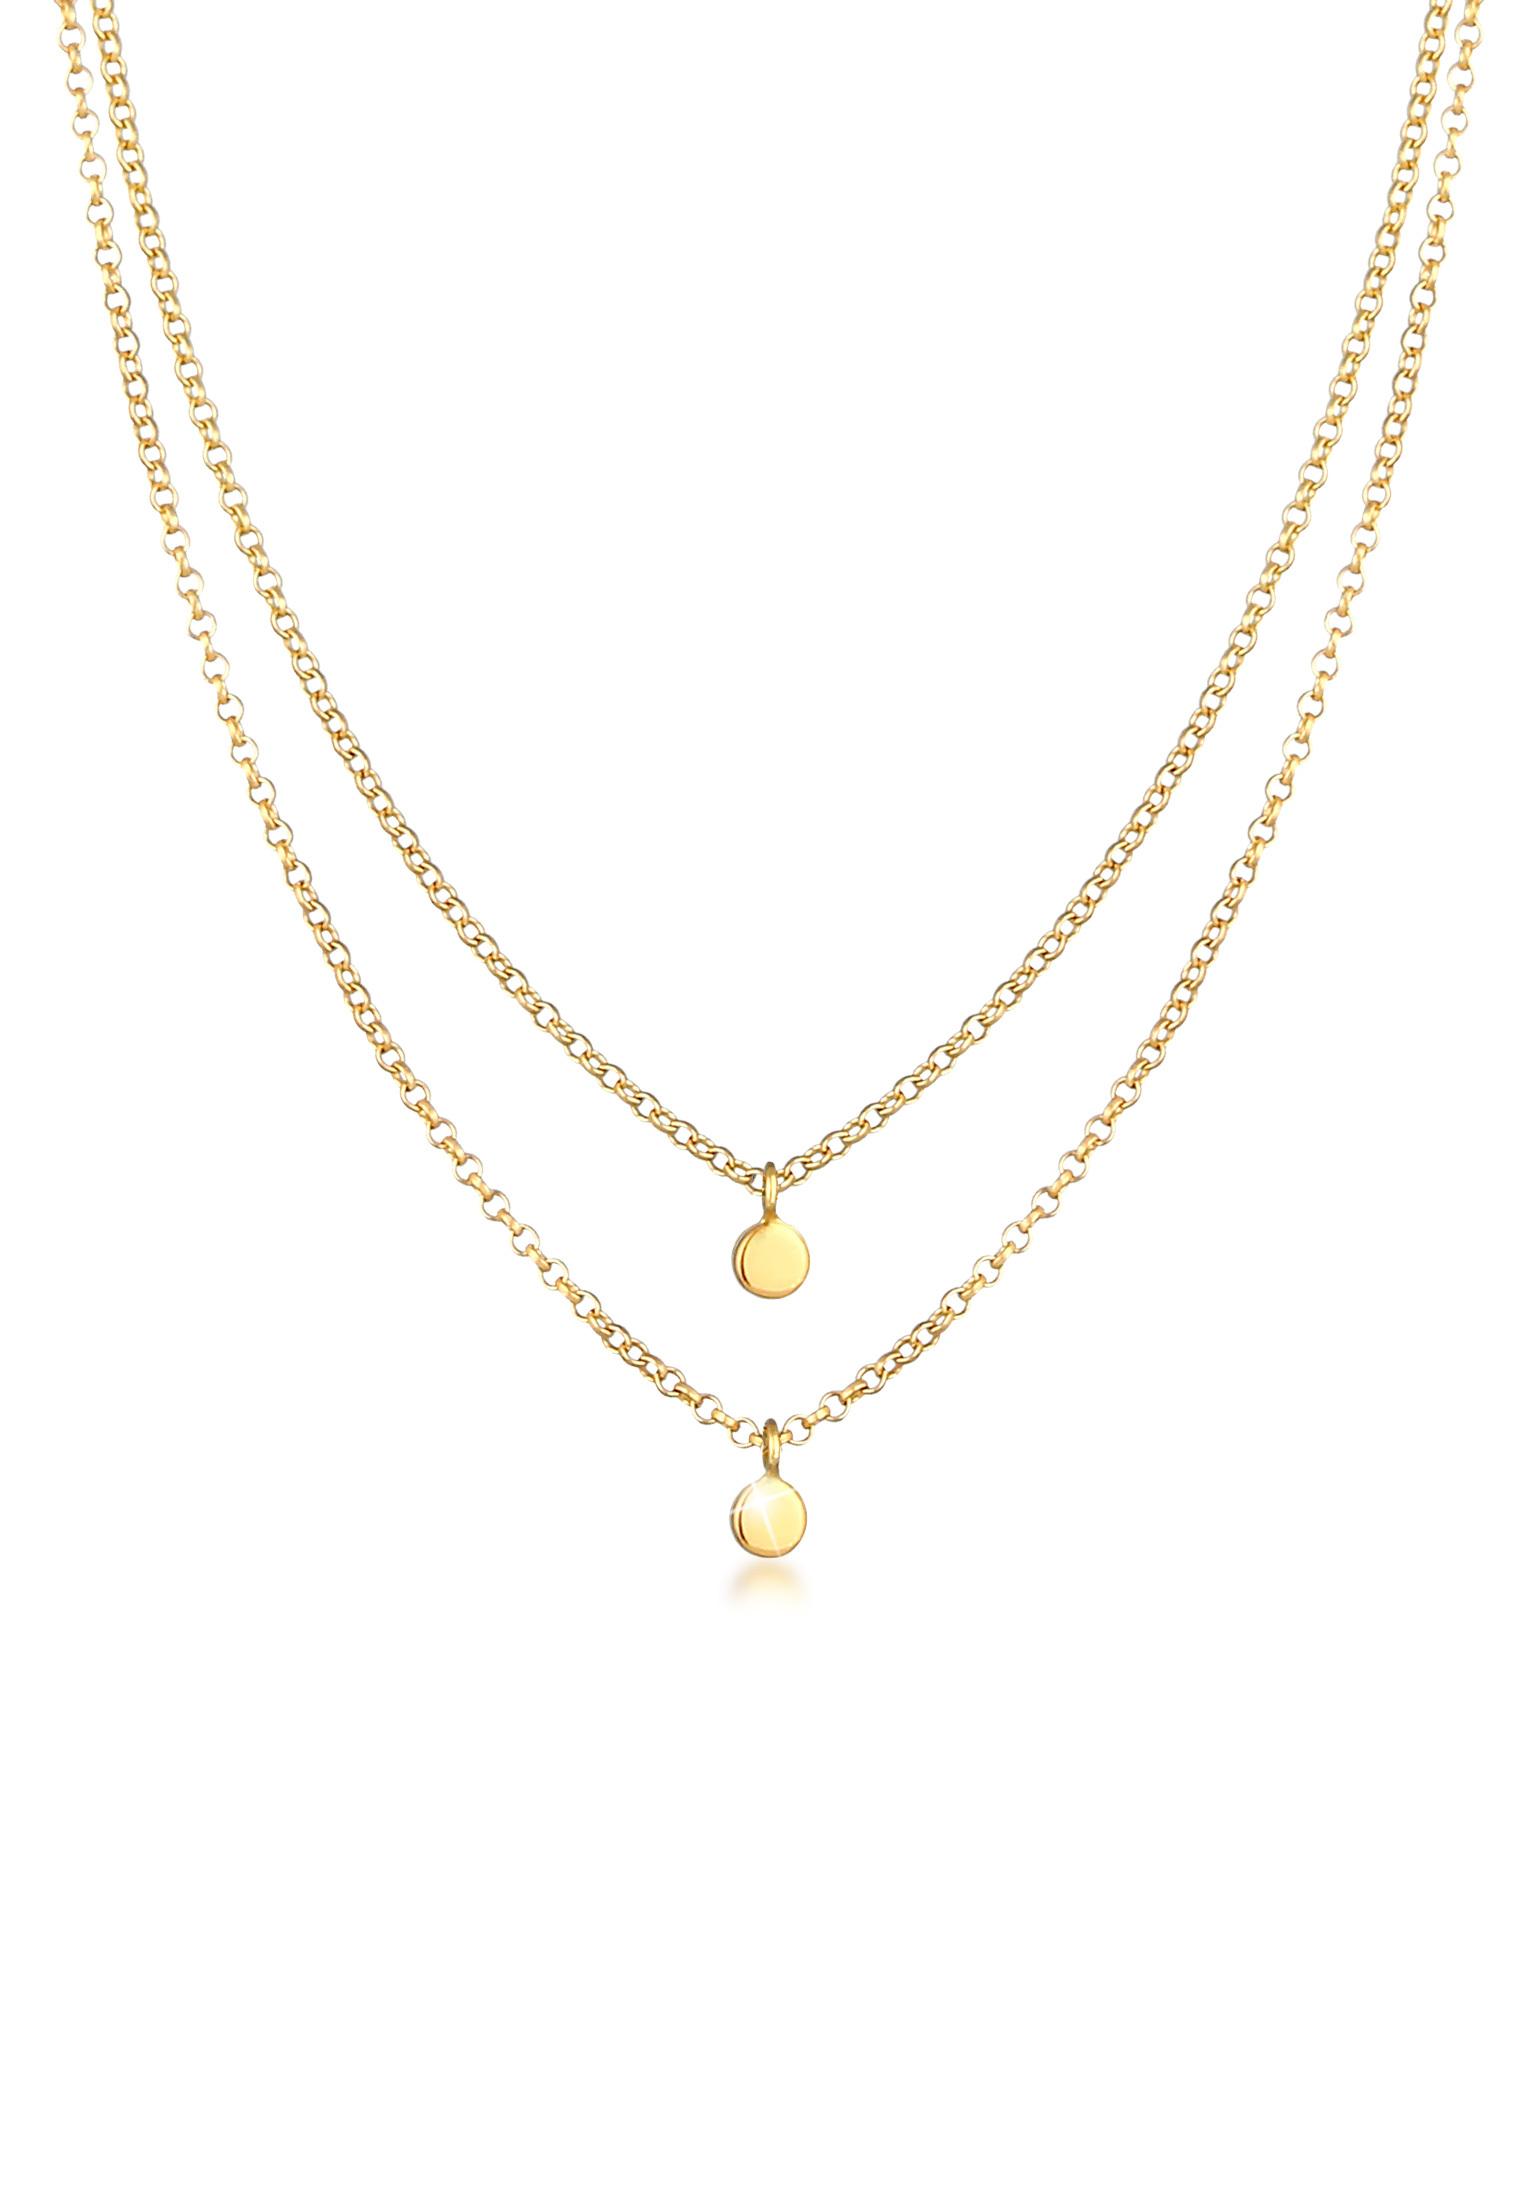 Layer-Halskette Geo | 375 Gelbgold